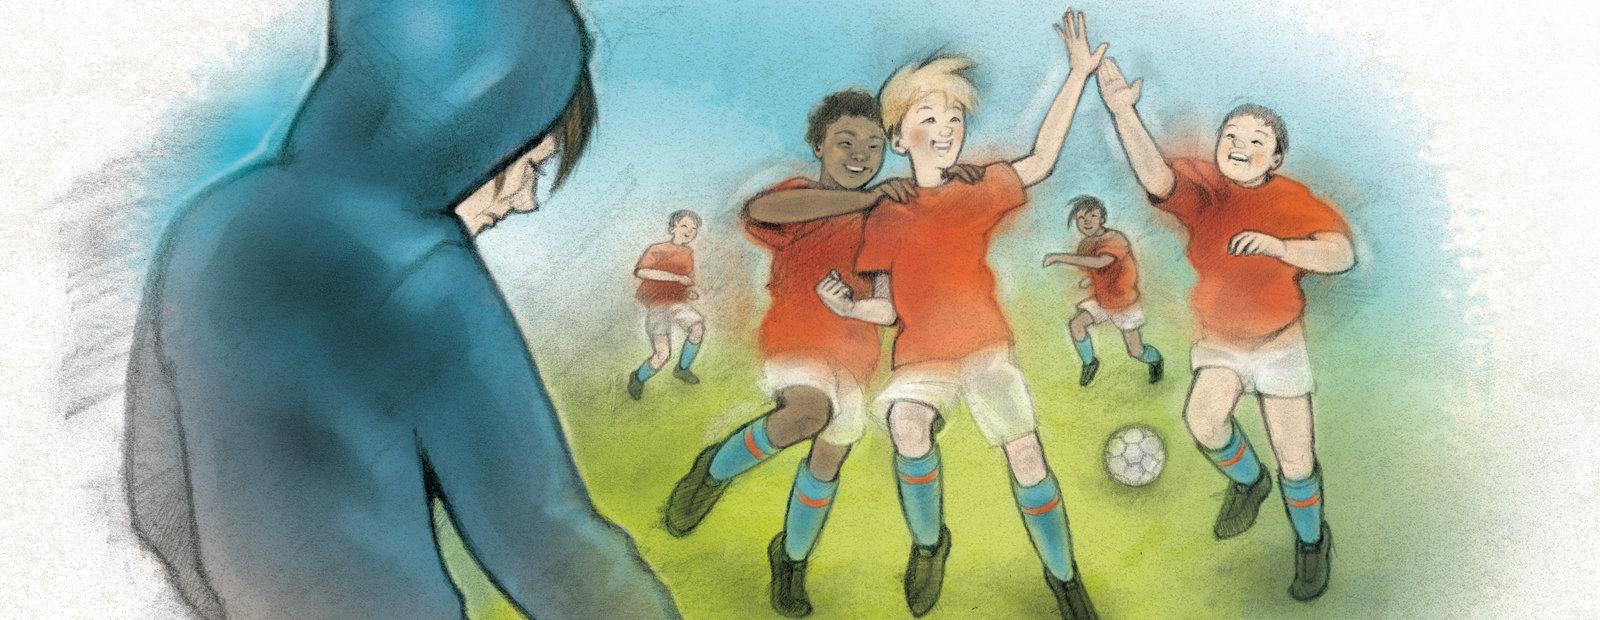 Tegning av et trist barn på siden av fotballbanen der de andre spiller fotball.